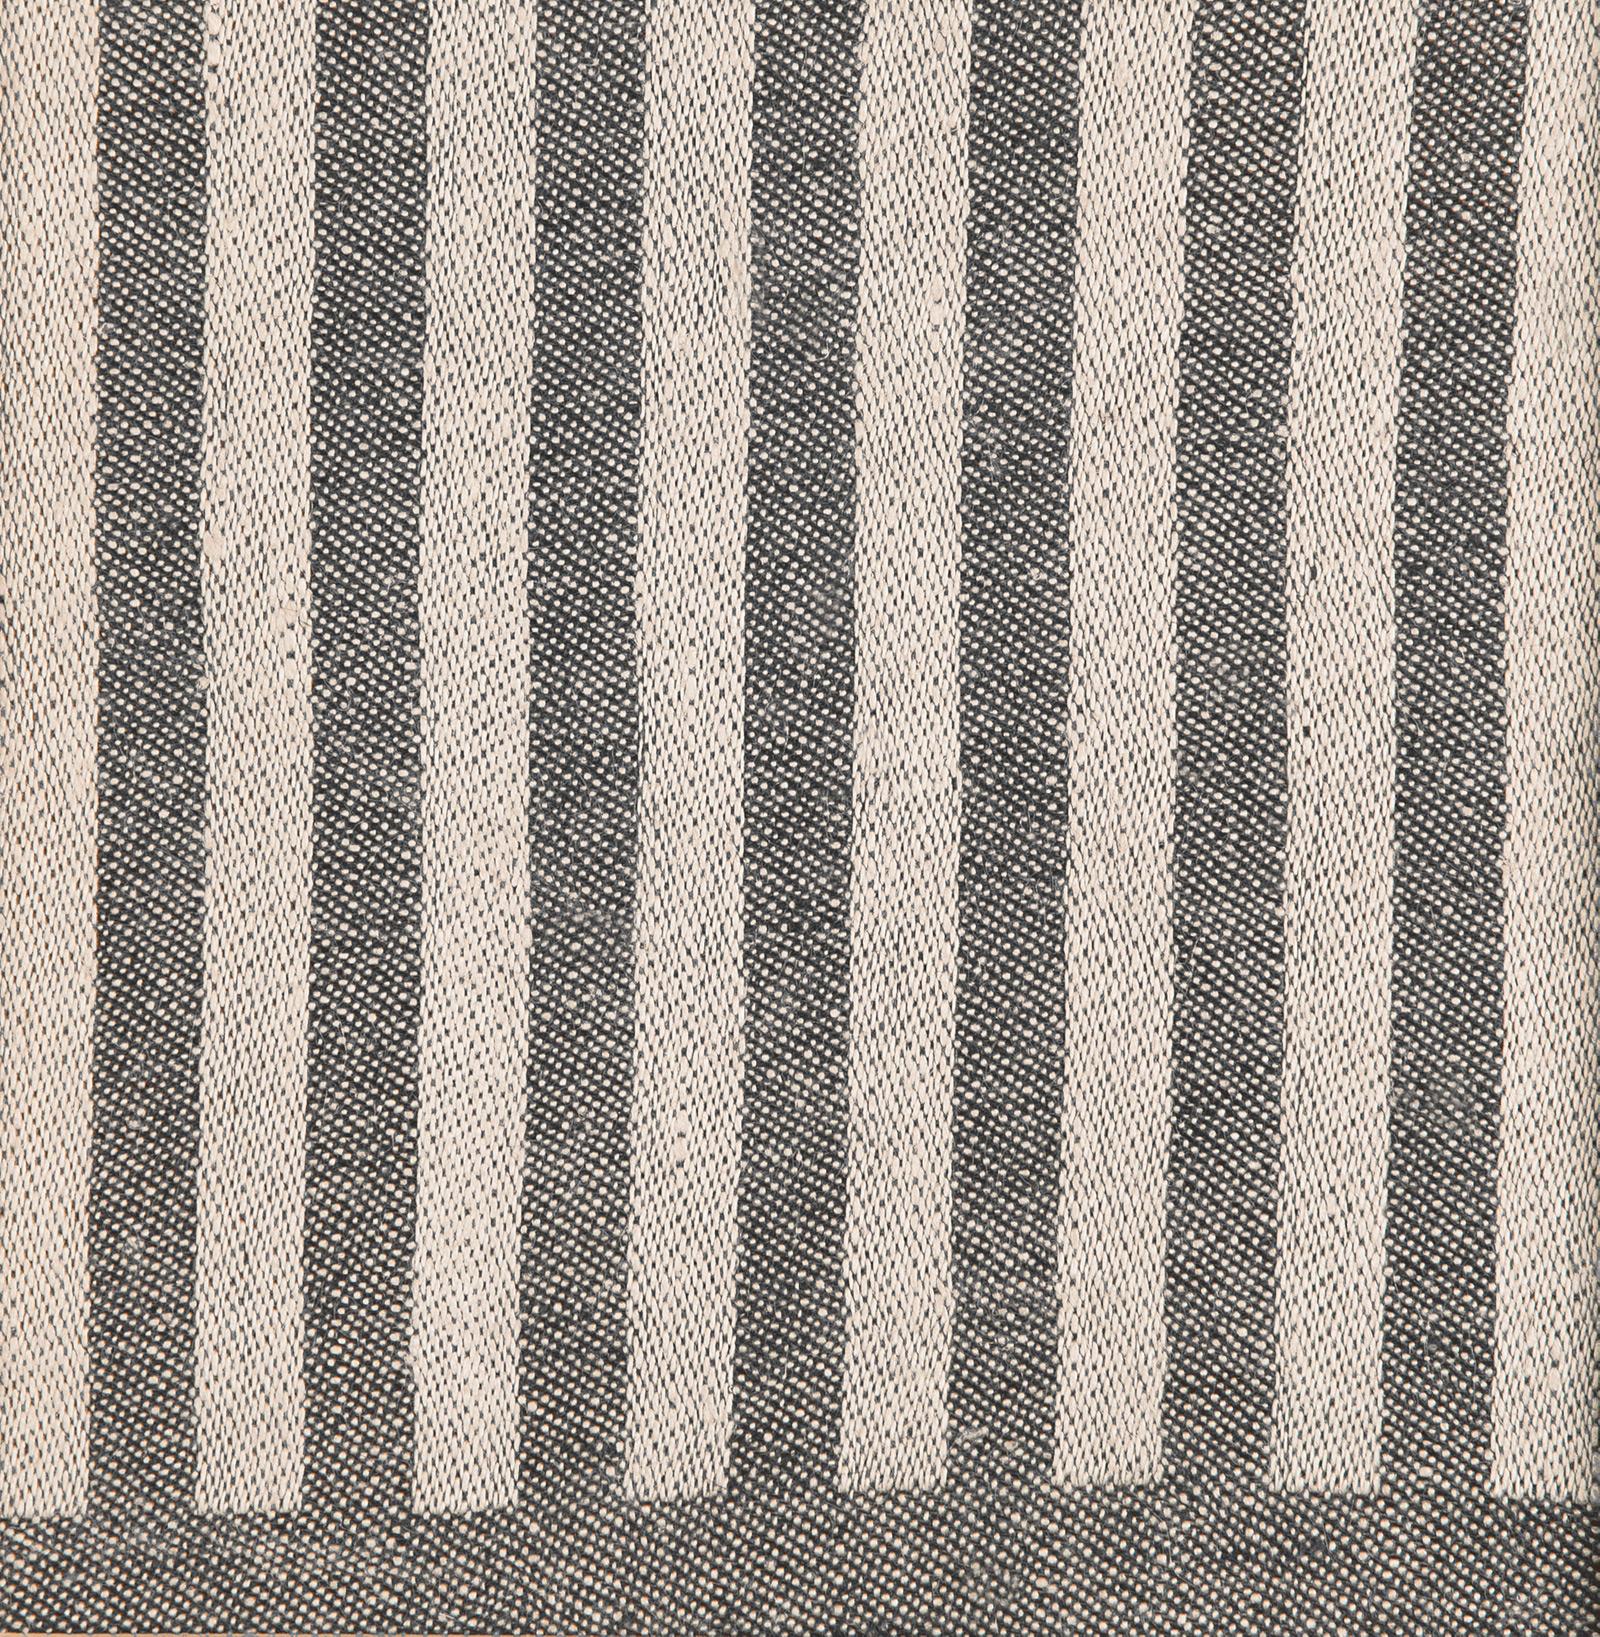 Anne bordslöpare färgprov design Hanne Vedel färg sandvarp svart